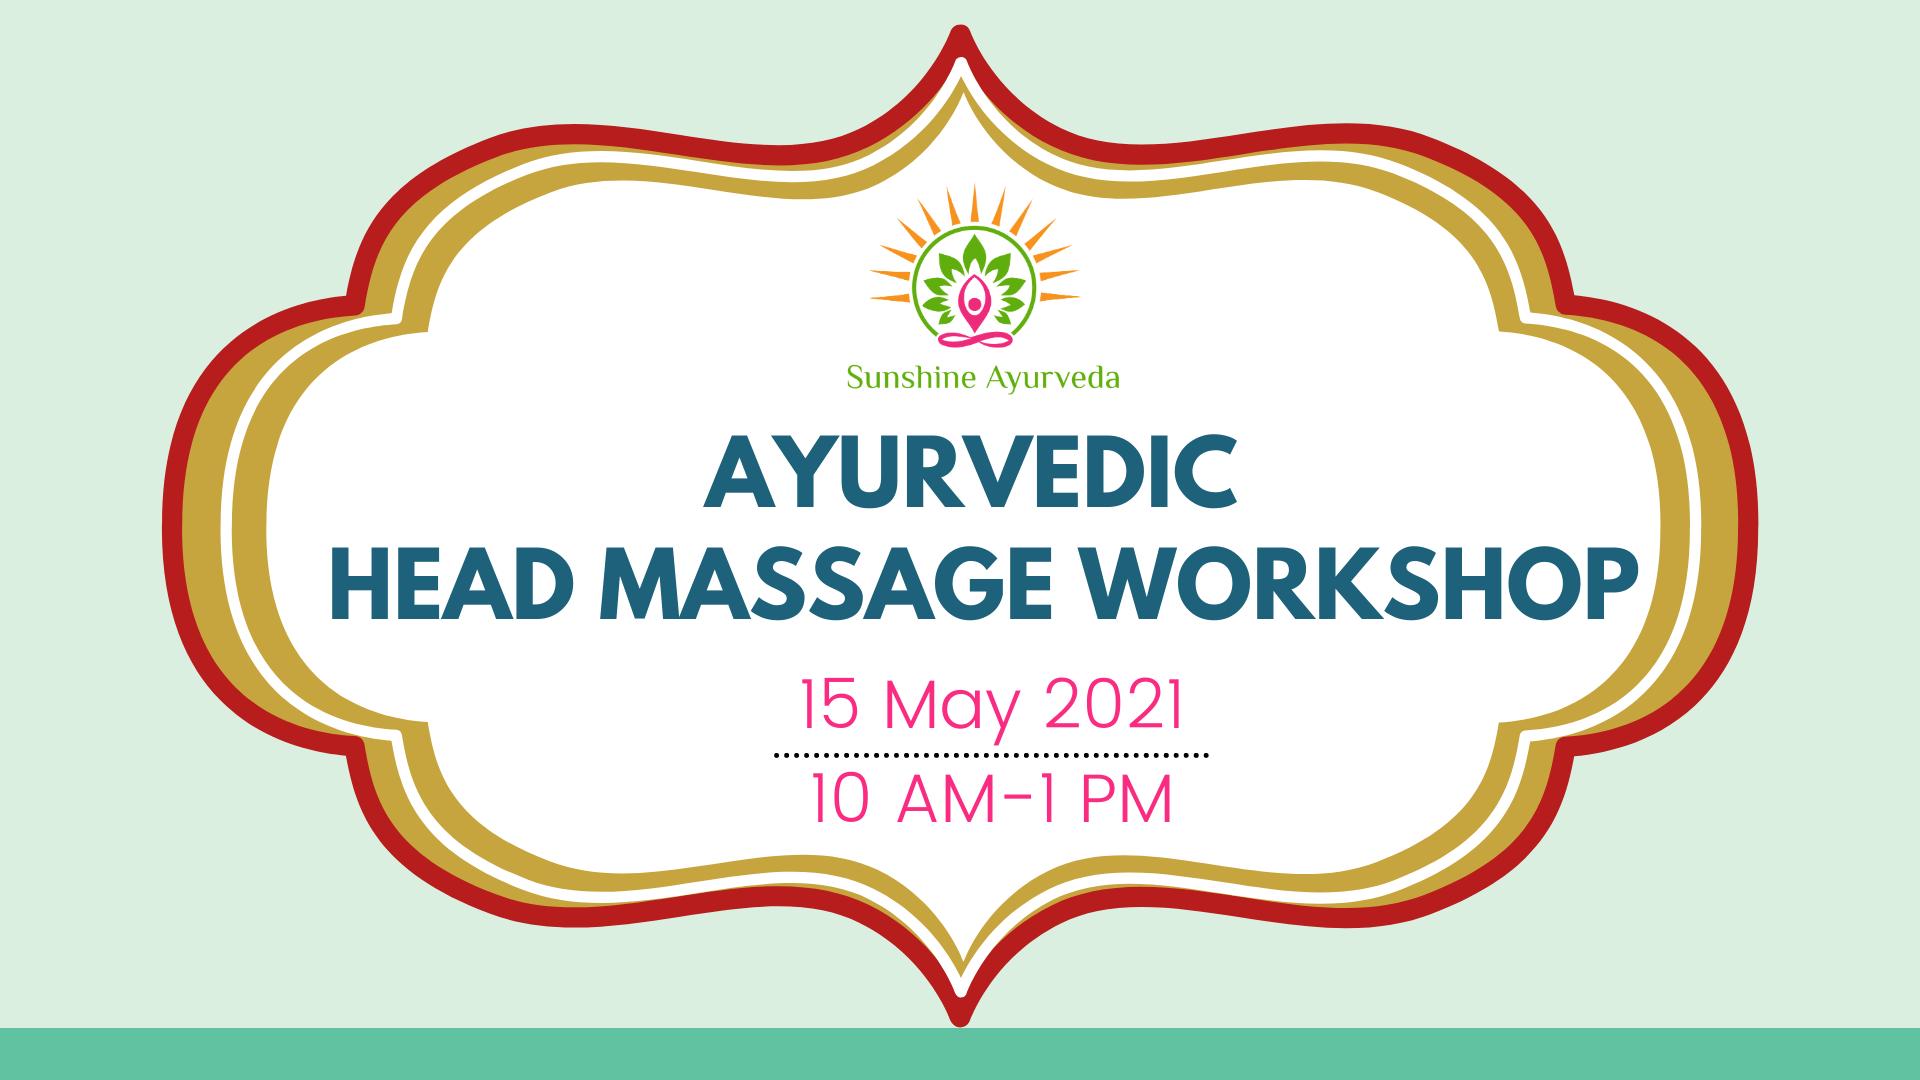 Ayurvedic Head Massage Workshop